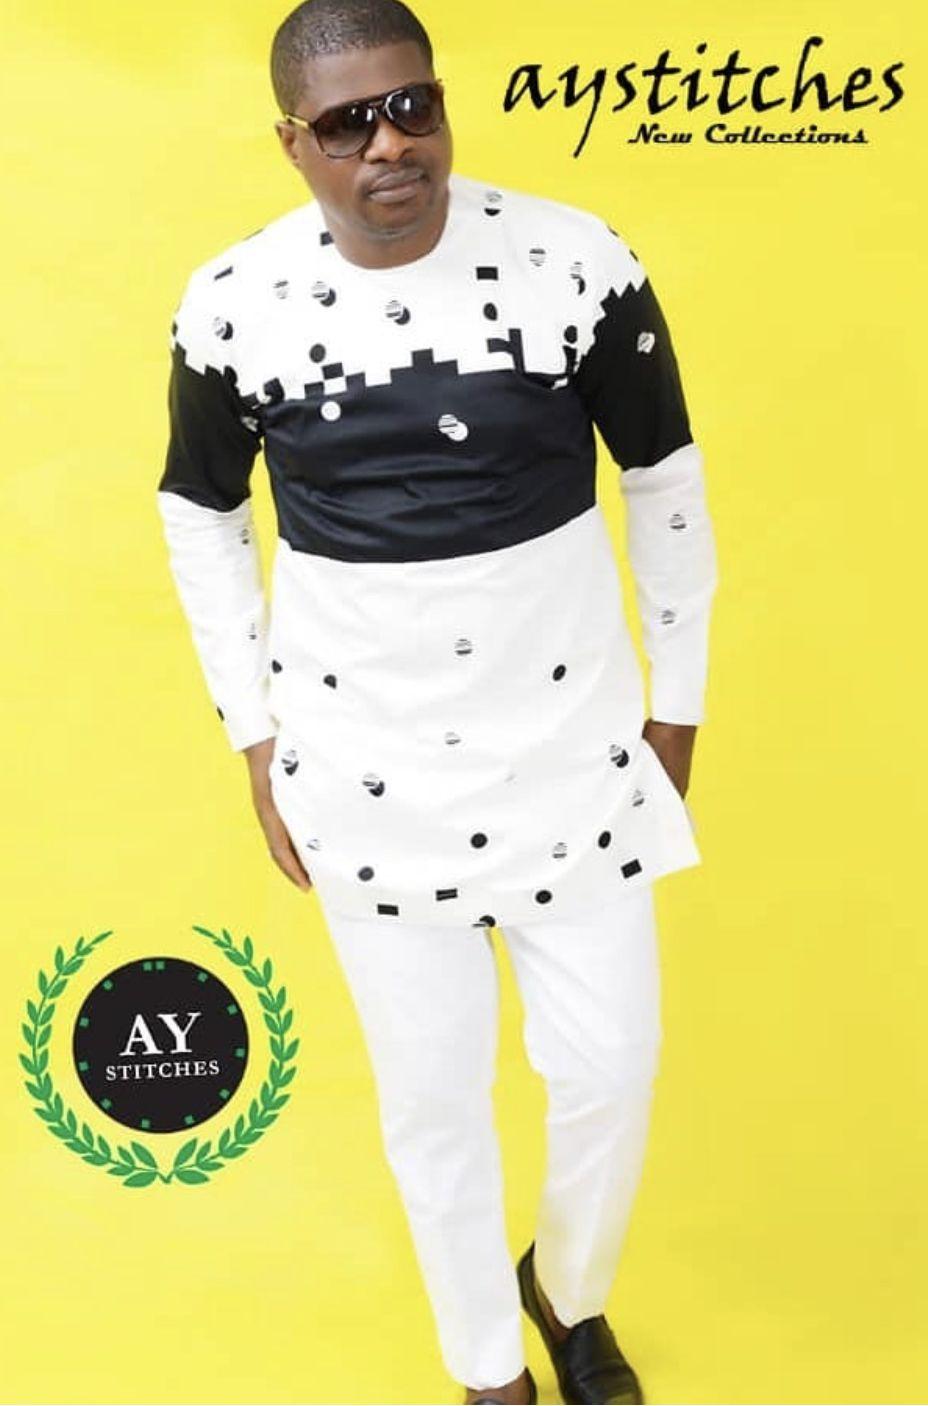 44b5509b9a781 Ay Stitches | Stephen's Fashion List in 2019 | African men fashion ...